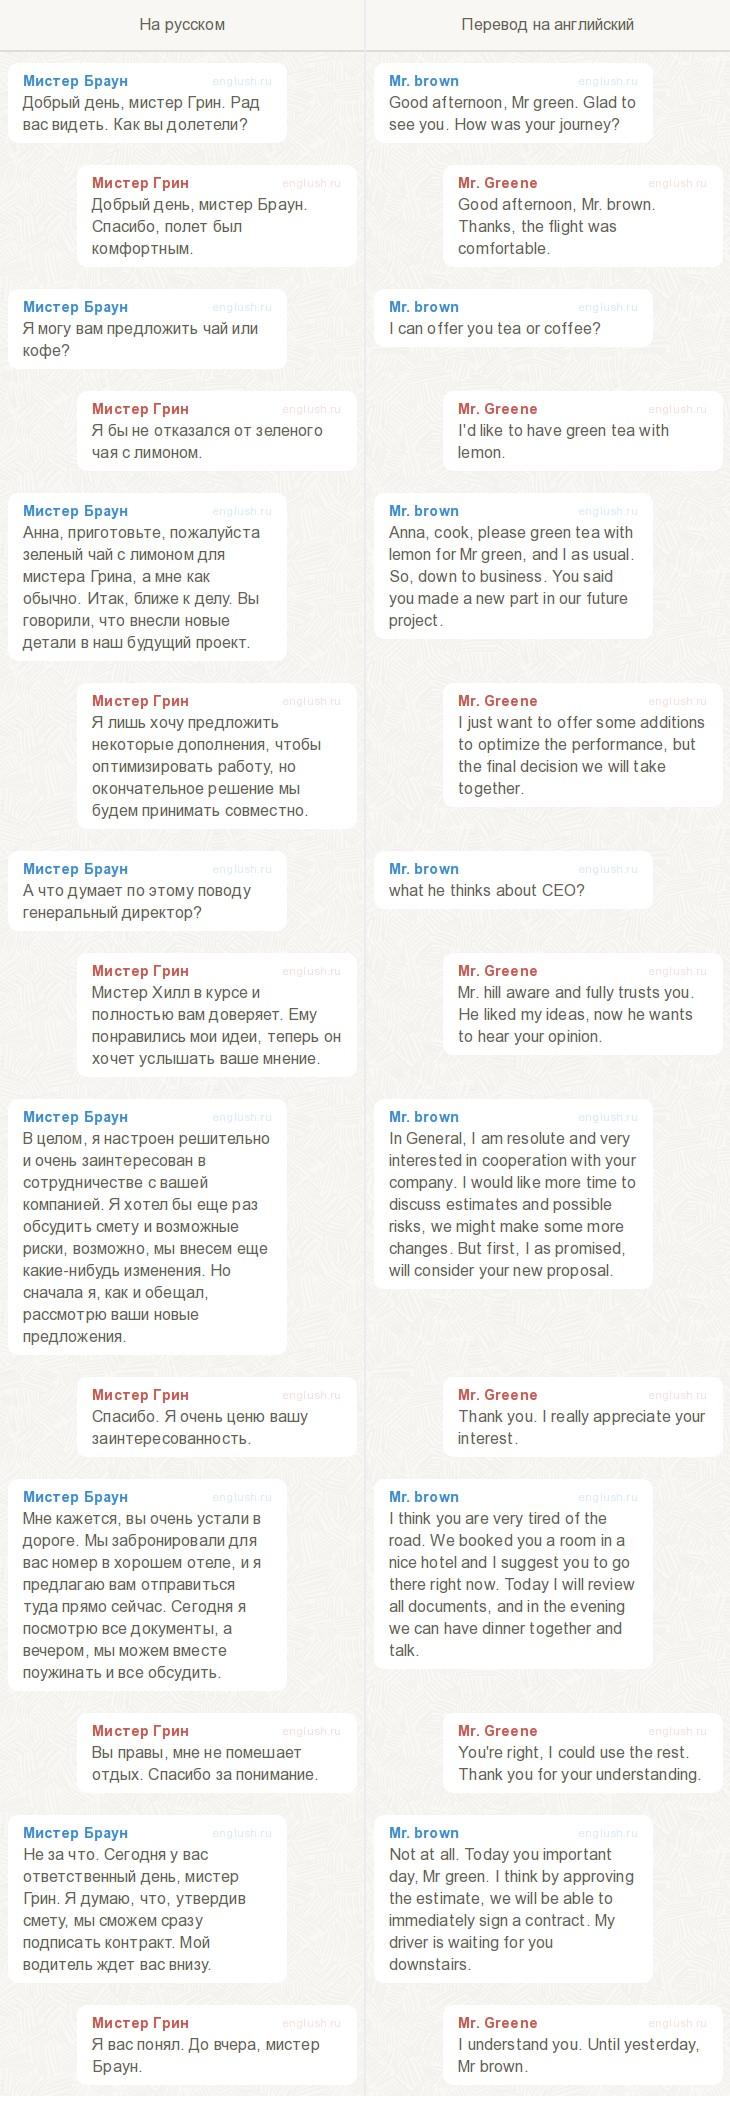 Бизнес (Business) - Английский язык - это легко!